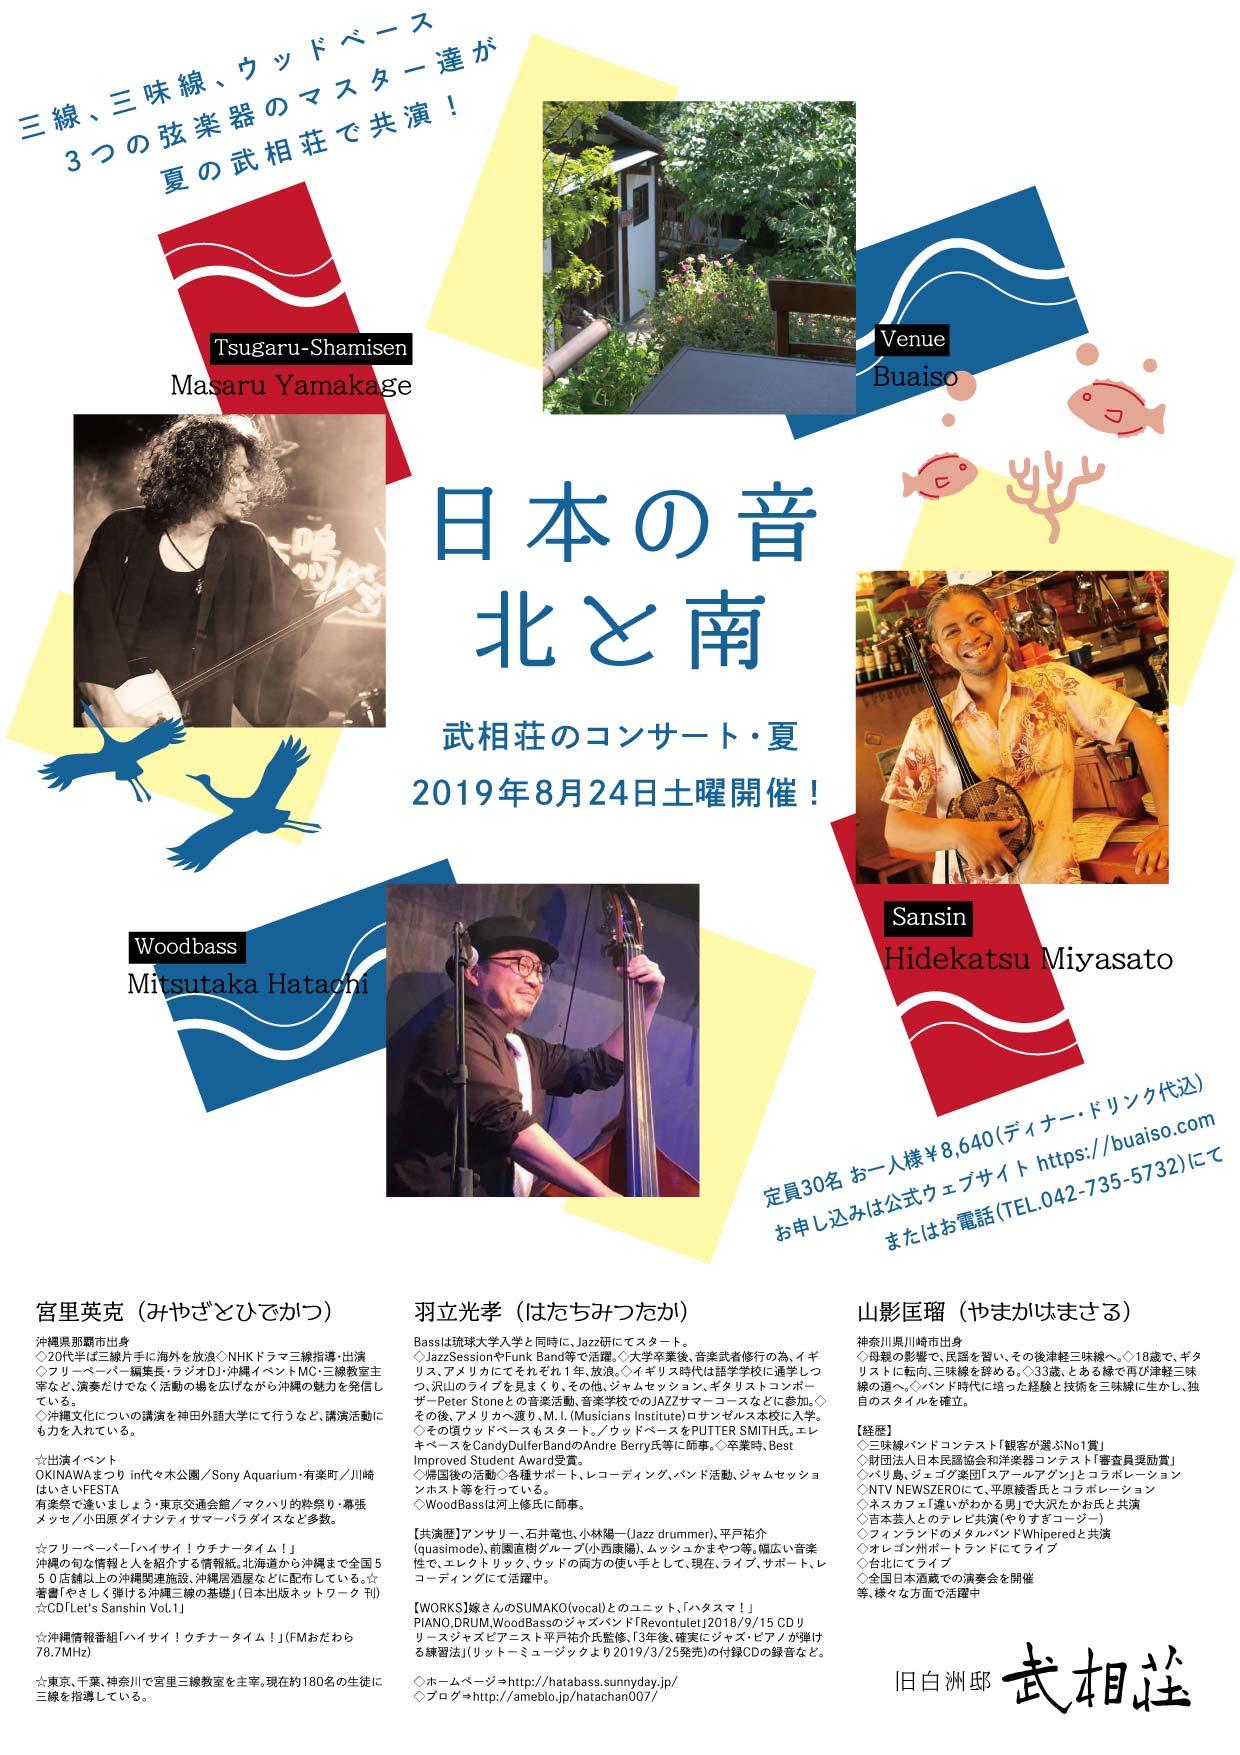 「日本の音 北と南」武相荘のコンサート